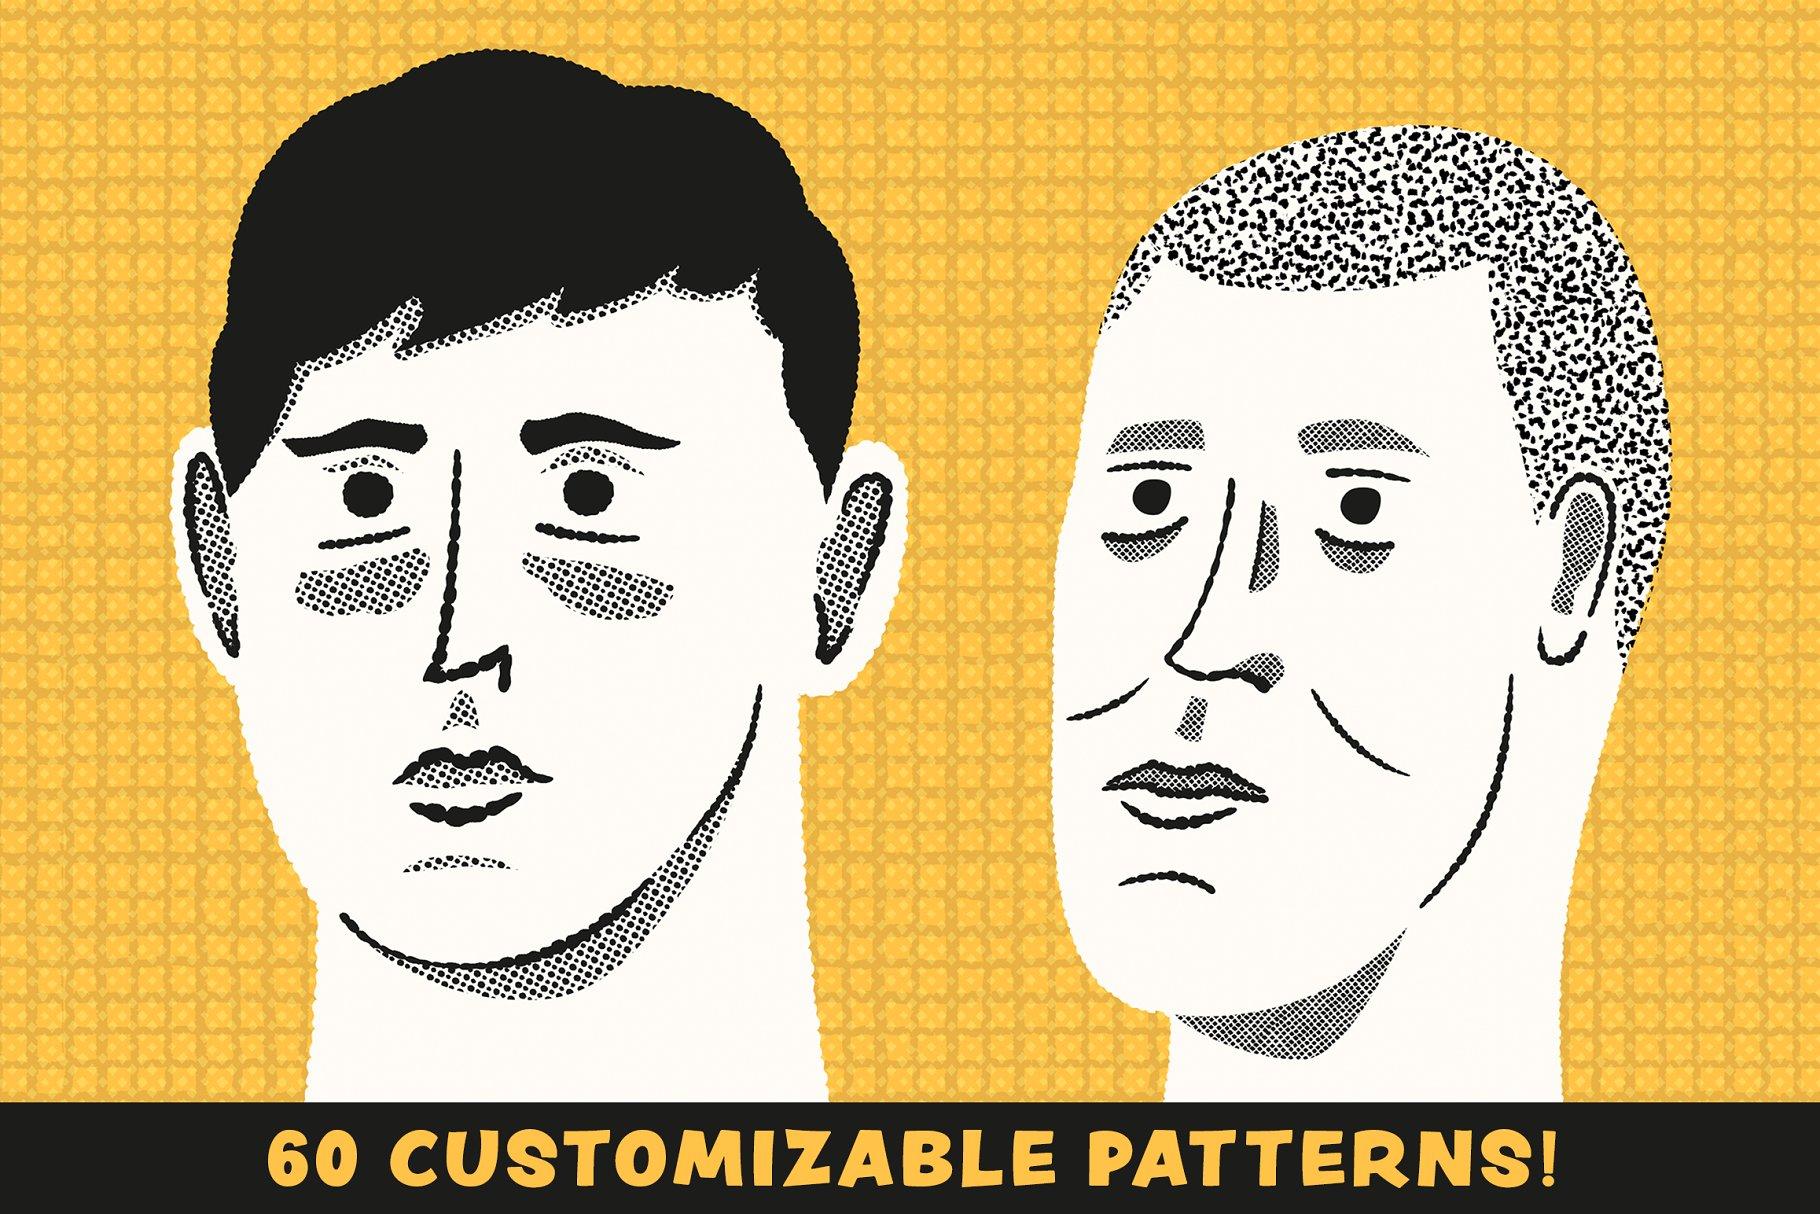 卡通笔刷图案 Patts Brush Collection设计素材模板